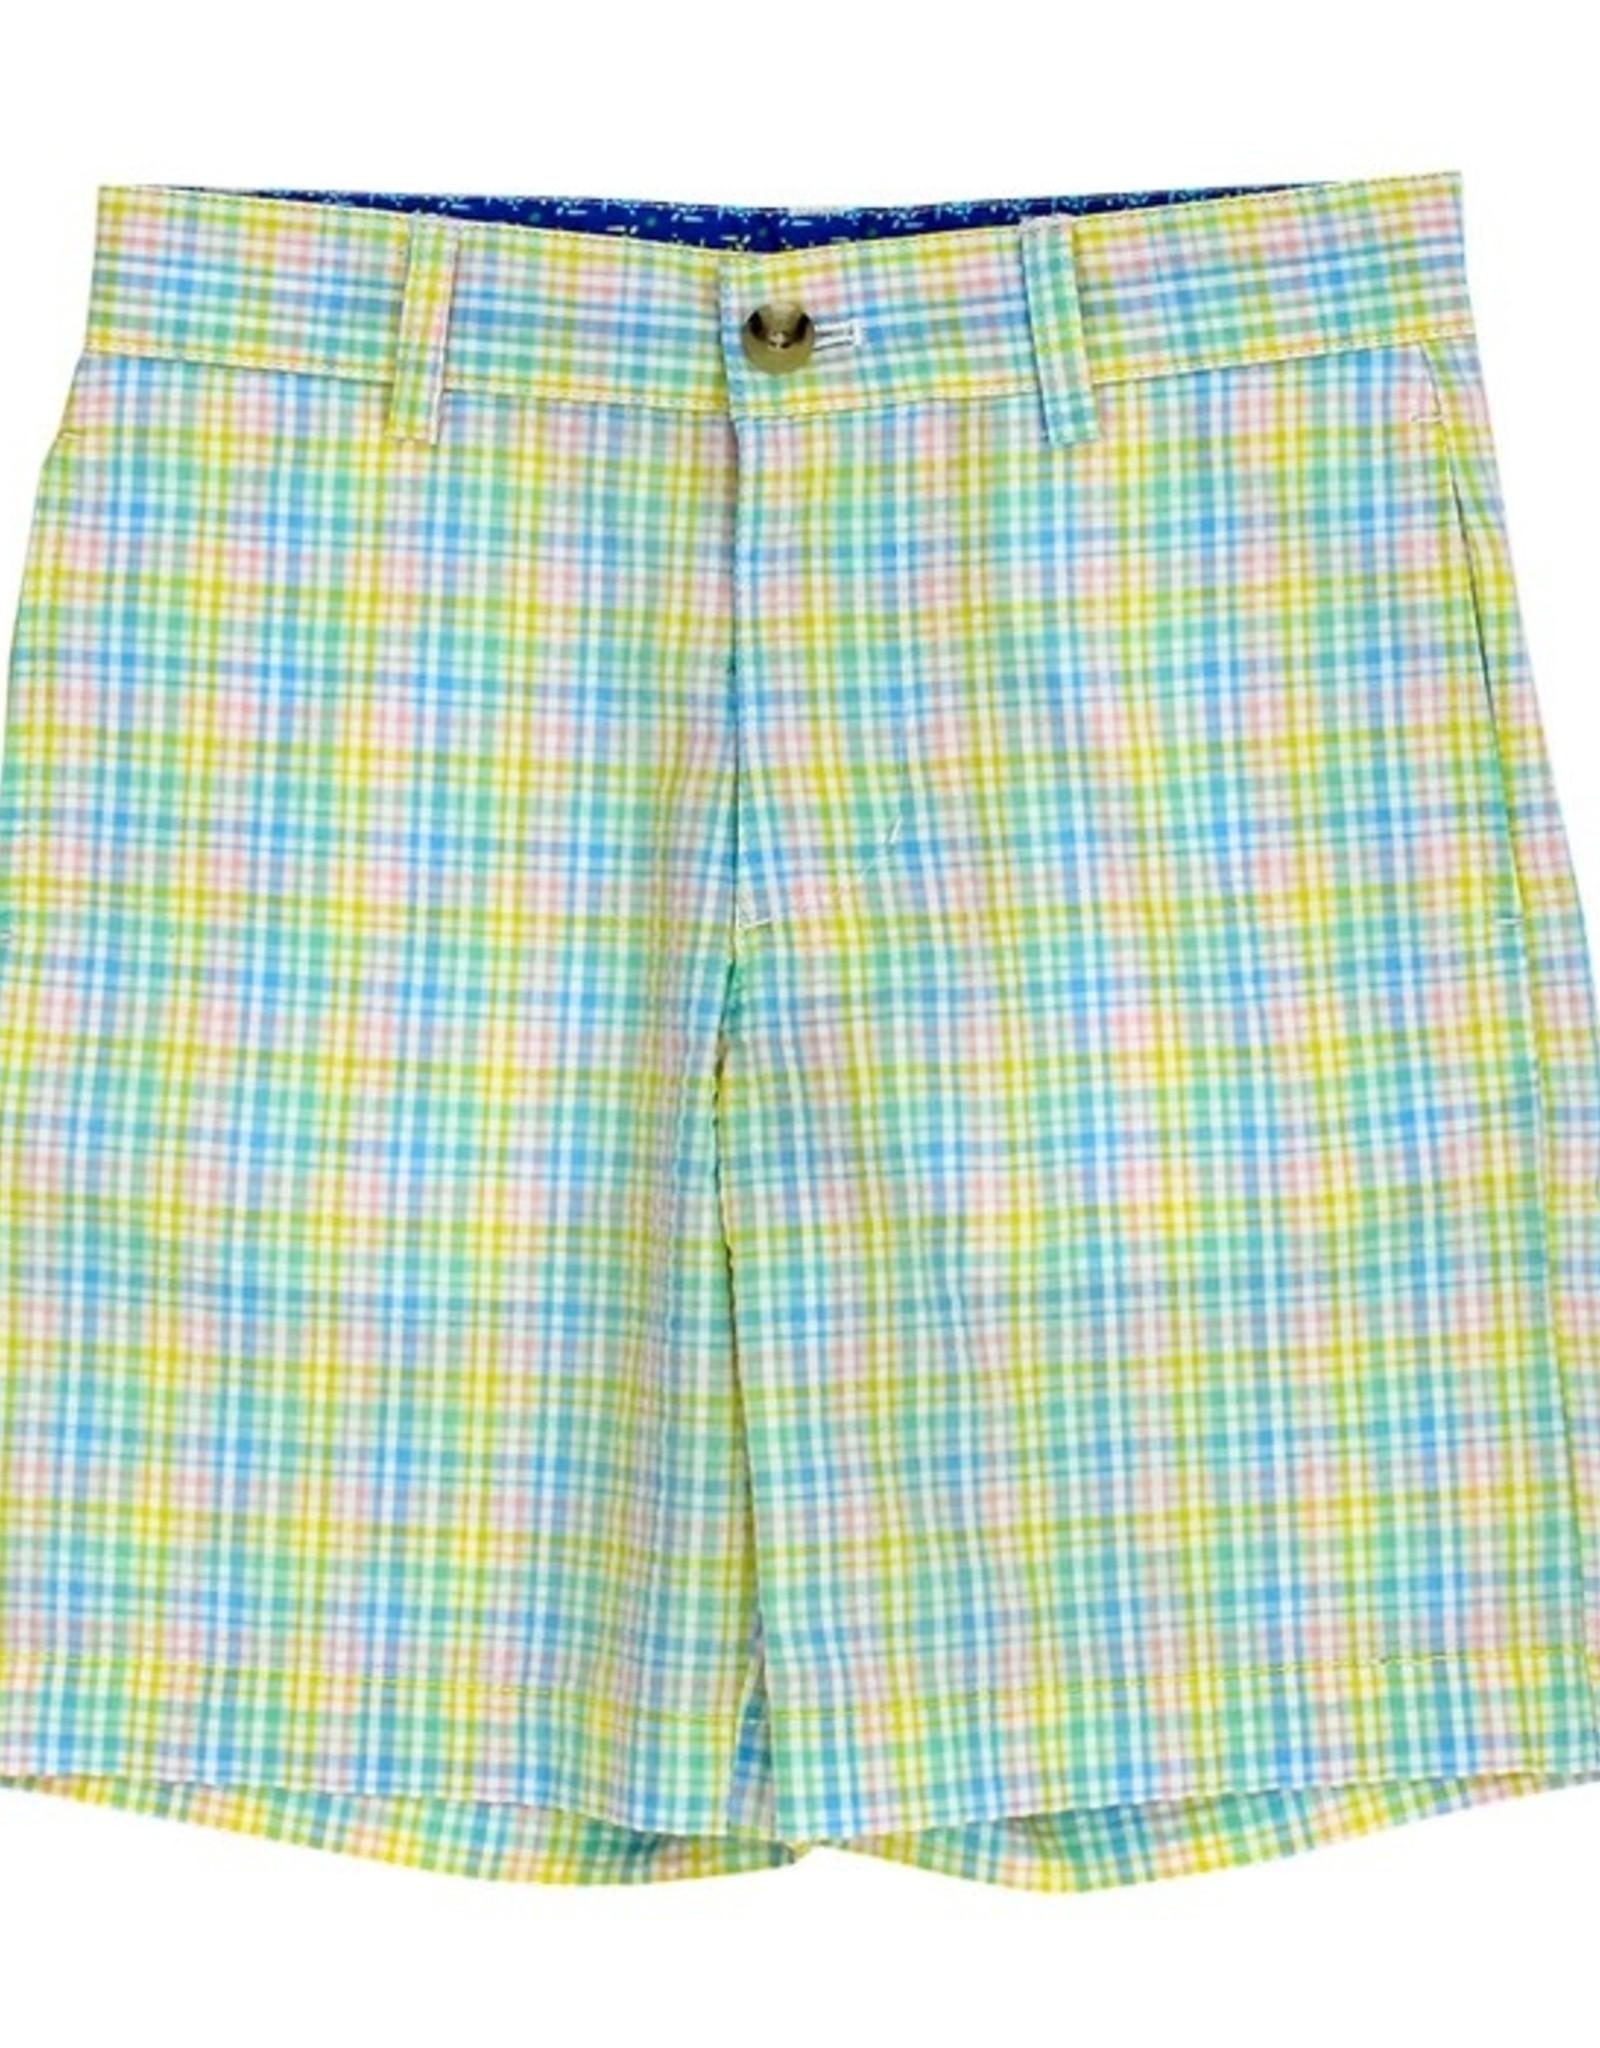 The Bailey Boys Preppy Seersucker Shorts